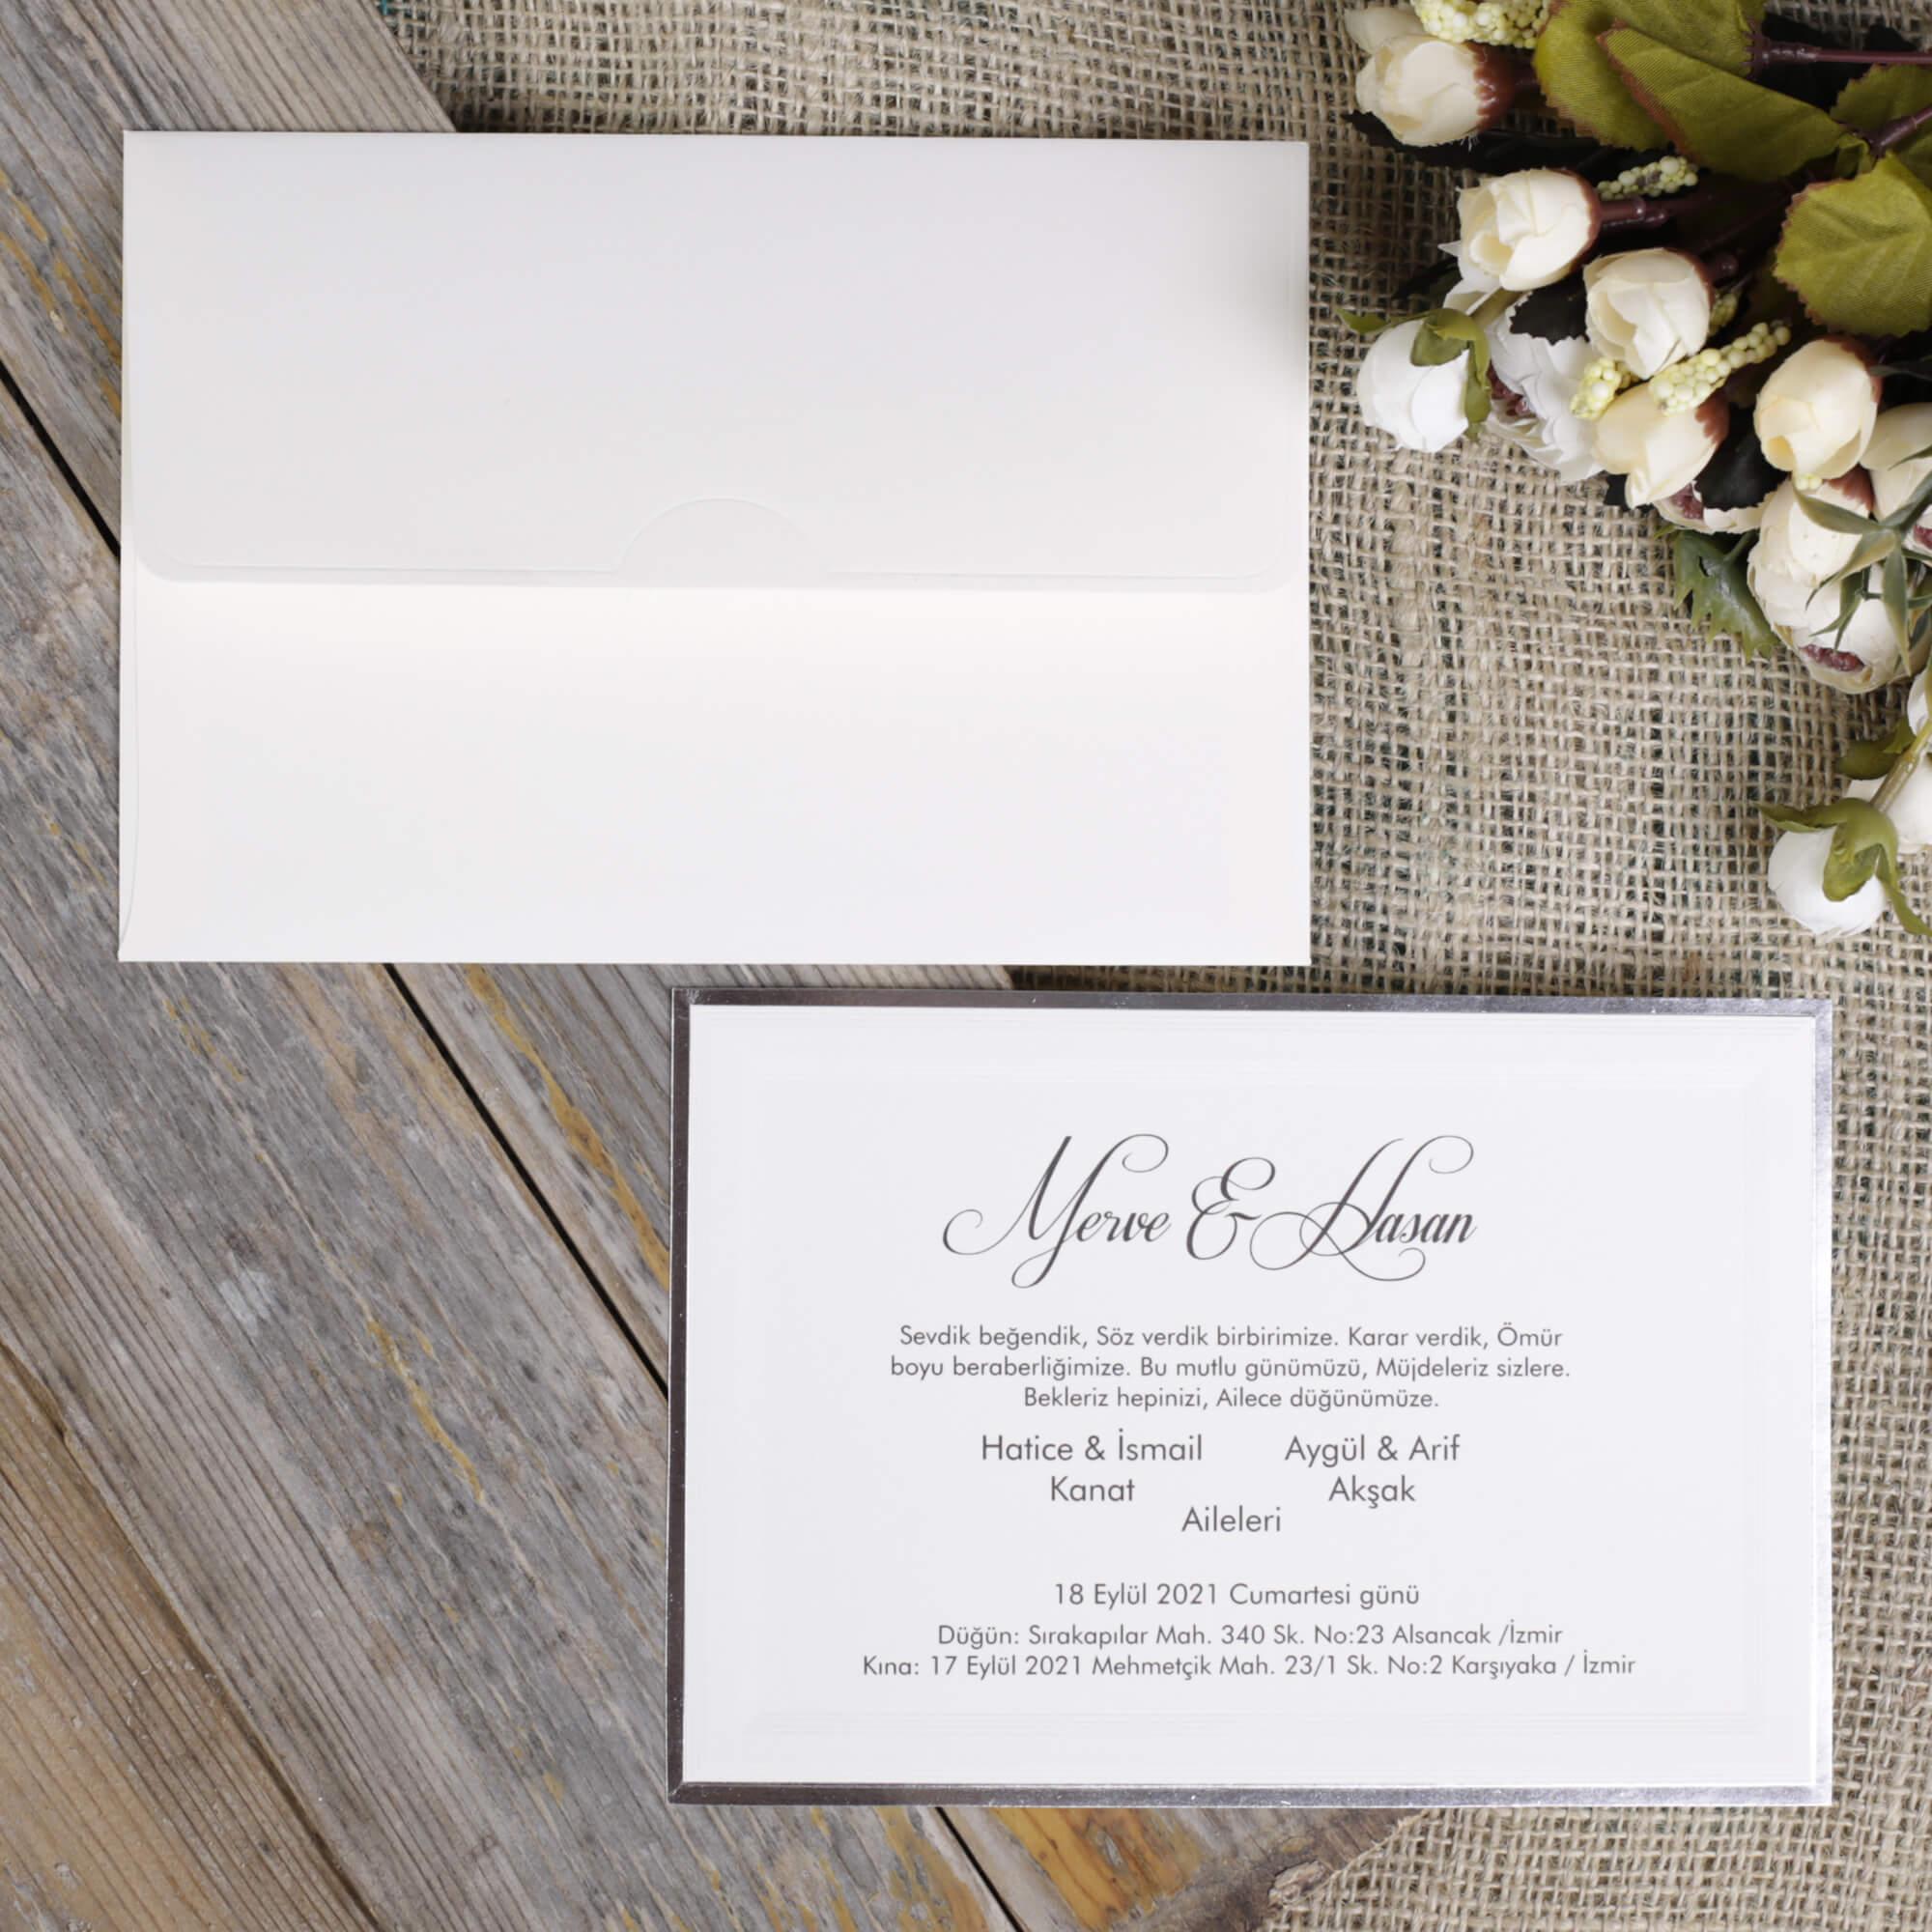 Klasik-Düğün-Davetiyesi-Modelleri-10299-1